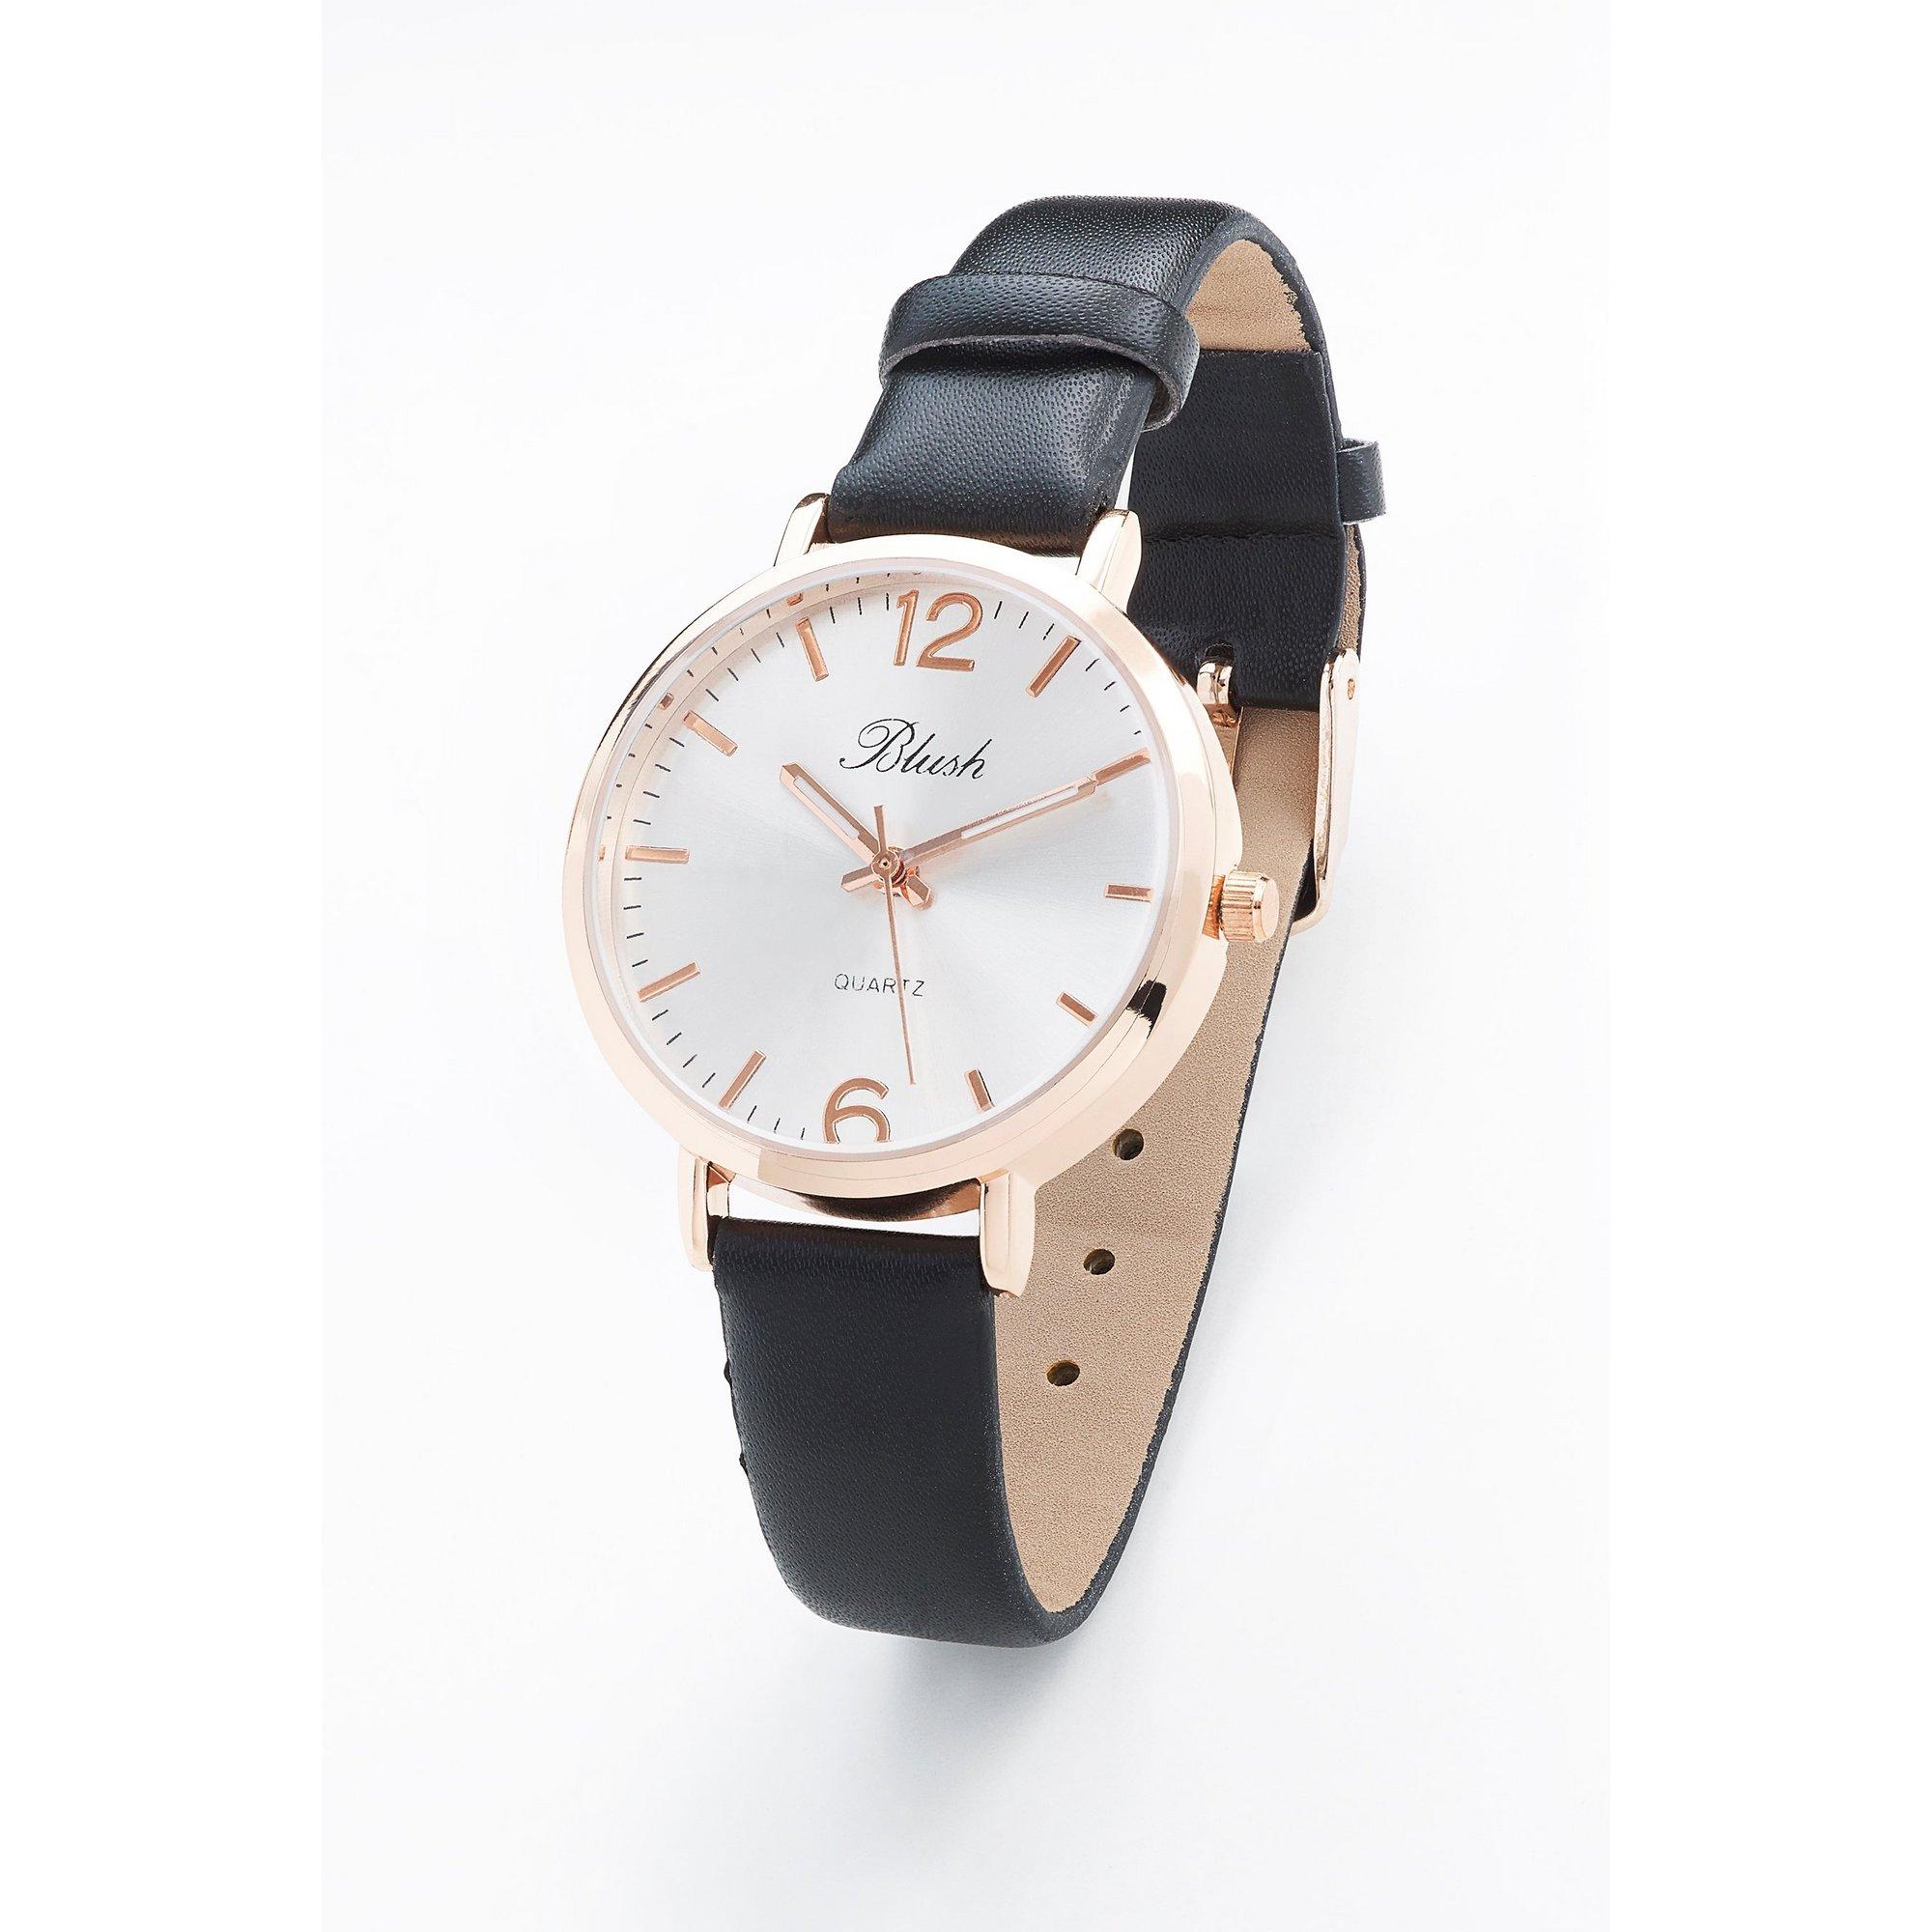 Image of Blush Black PU Strap Fashion Watch